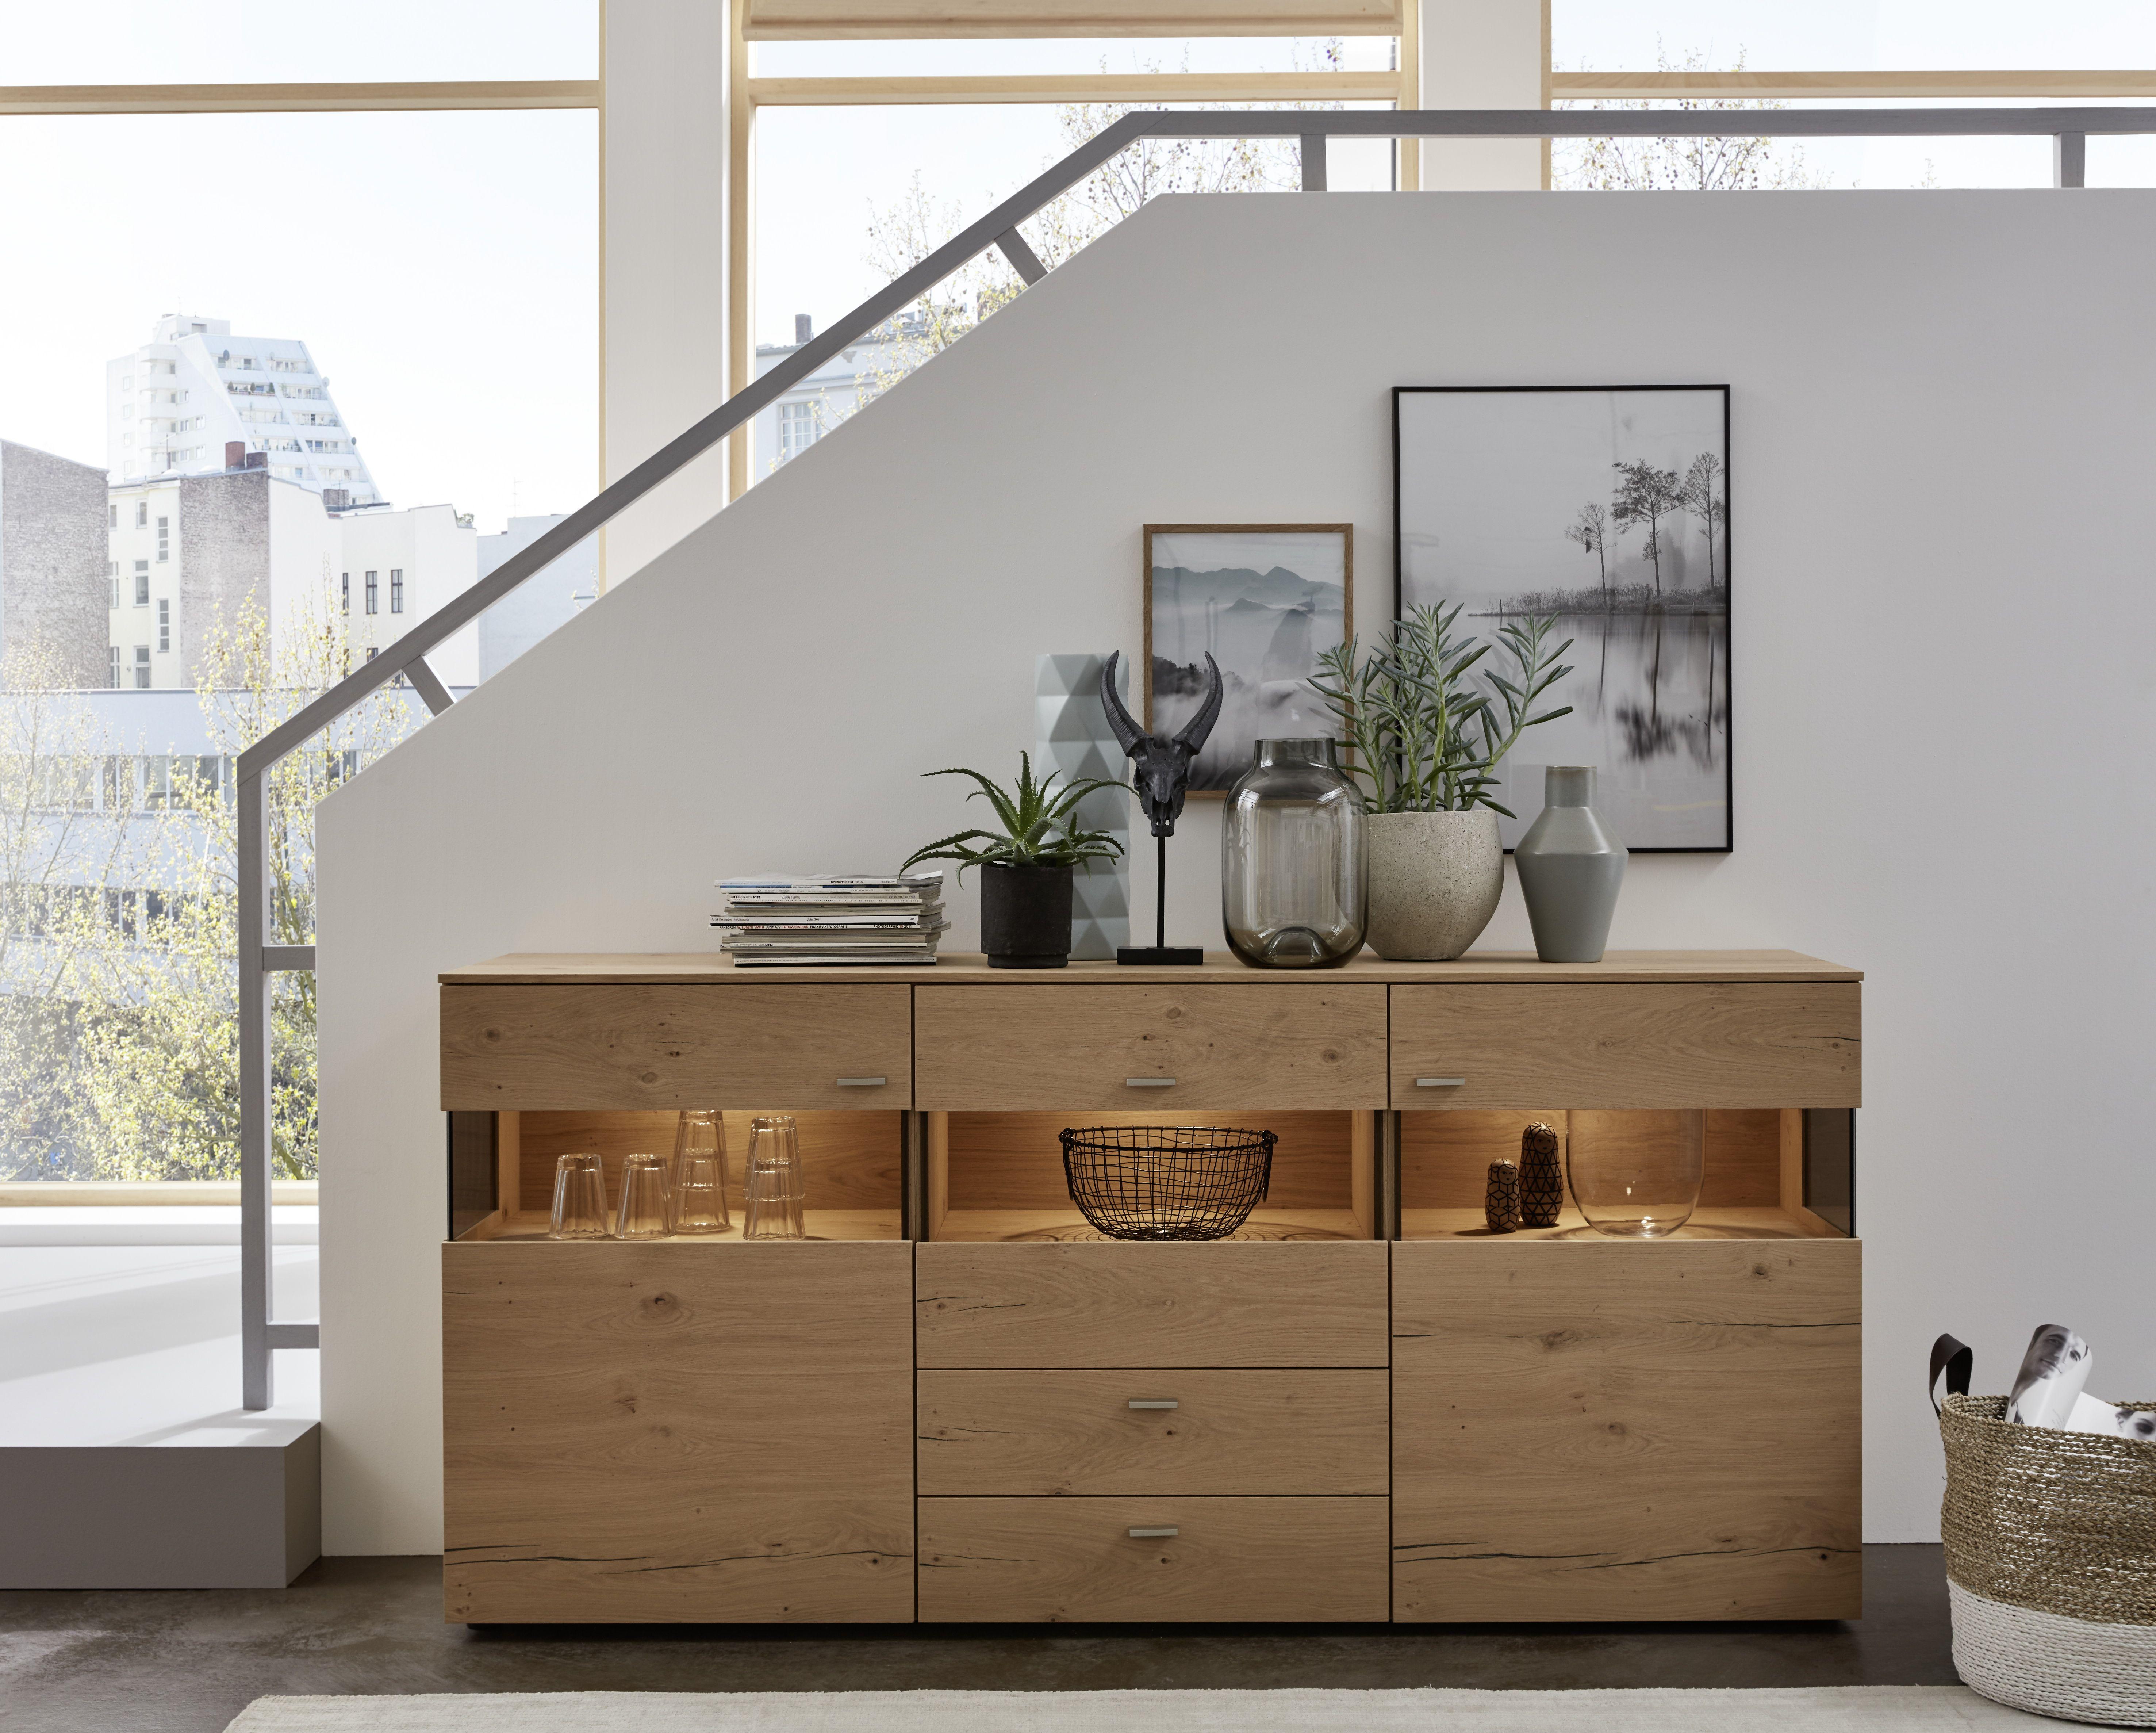 Wohnprogramm Treviso Mobel Madeingermany Furniture Gwinner Wohndesign Design Wohnen Einrichten Wohnzimmer Livingro Anbauwand Wohnzimmer Wohn Design Wohnzimmer